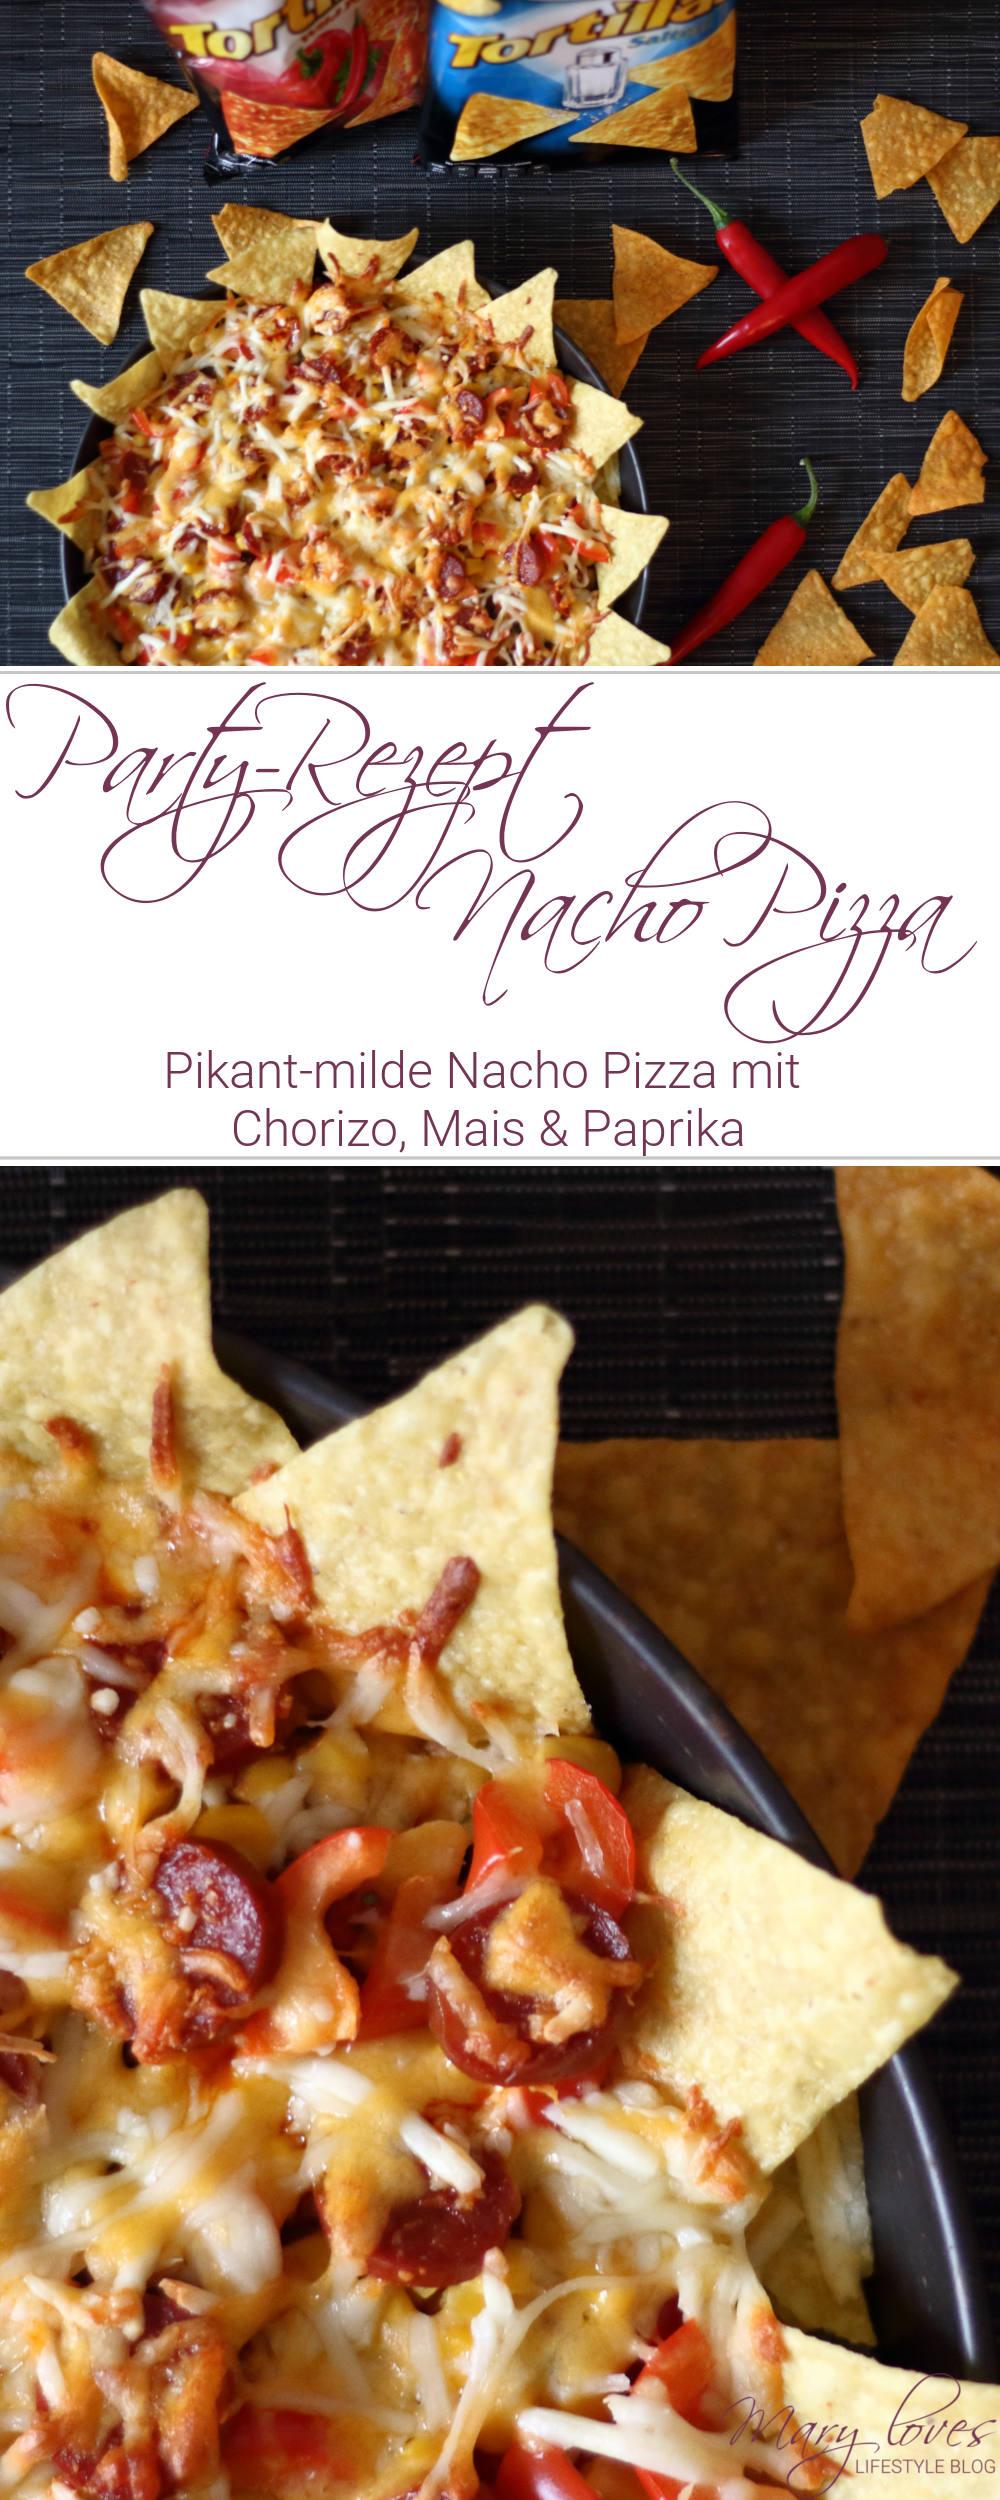 [Anzeige] Chio Tortiallas Rezepte - Pikant-milde Nacho Pizza mit Chio Tortillas - Tortilla Pizza mit Chorizo, Mais & Paprika